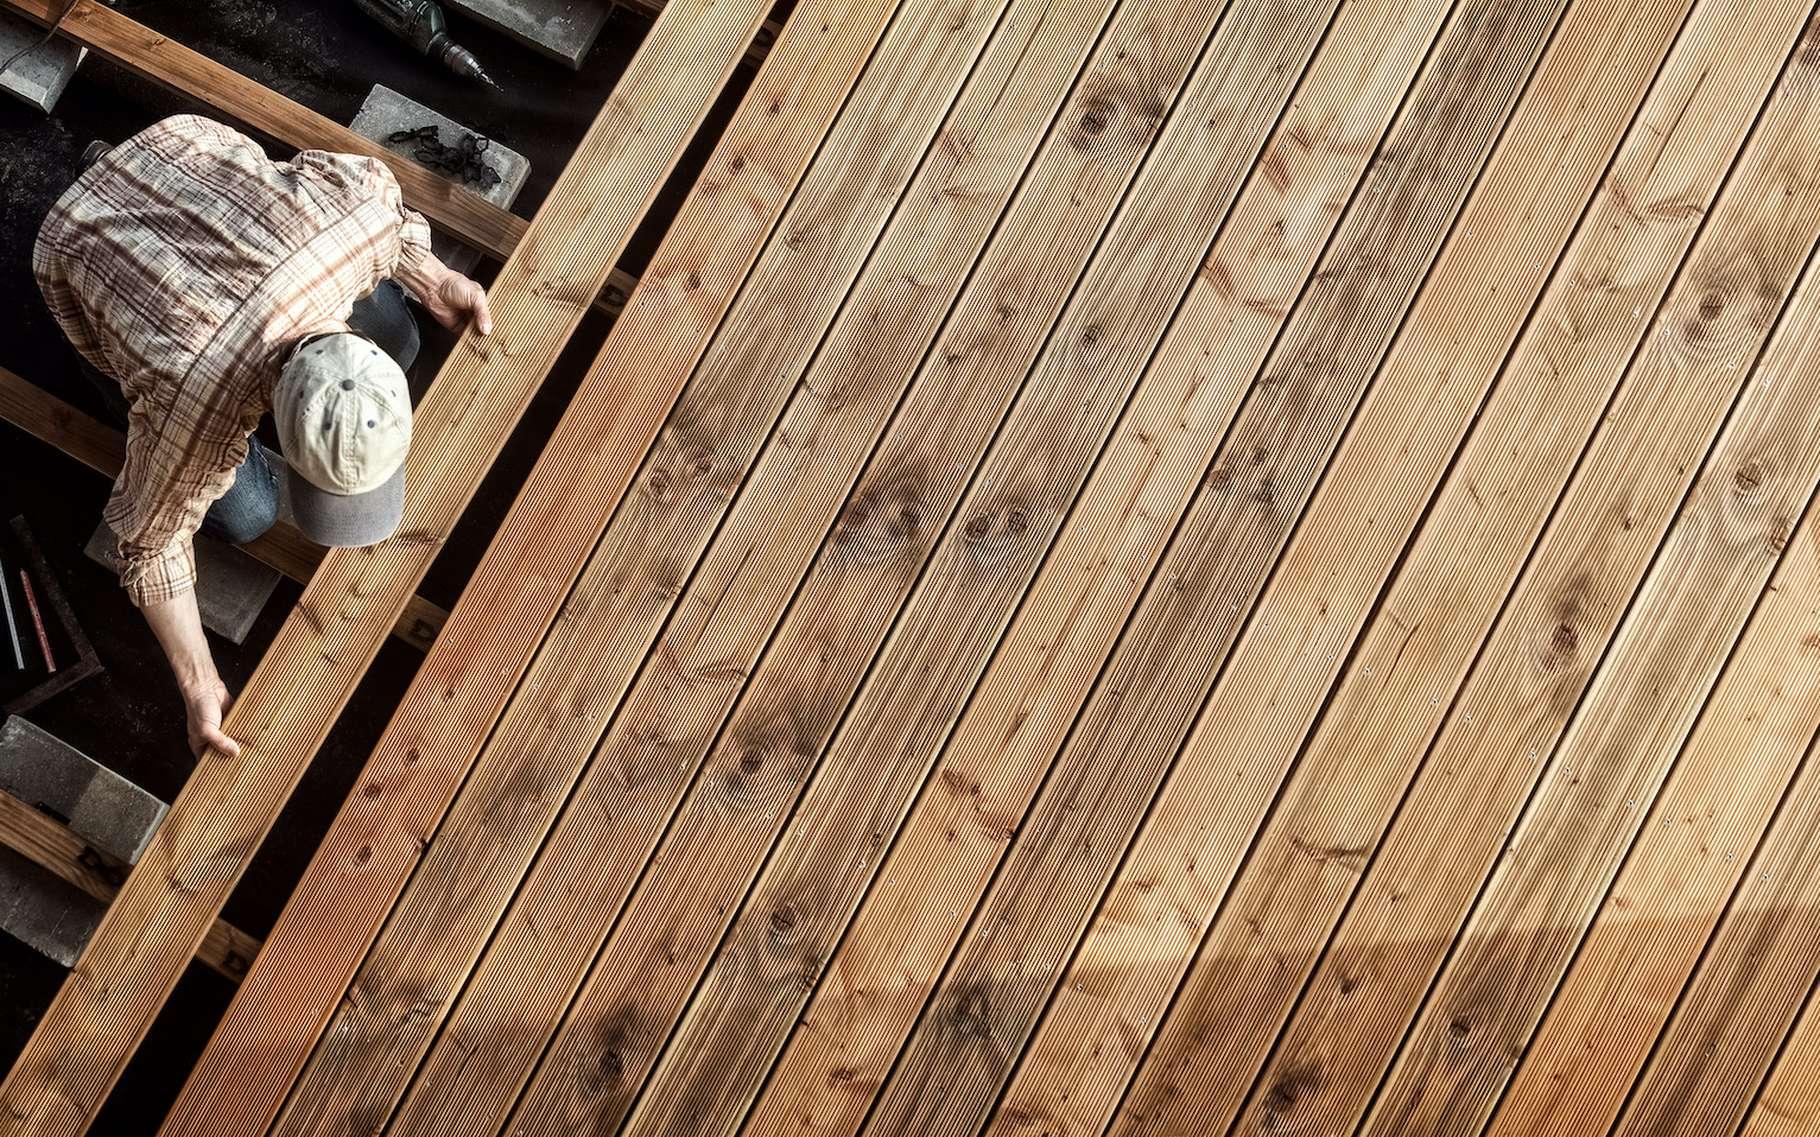 Des chercheurs de l'université du Maryland (États-Unis) ont mis au point une méthode de production d'un bois transparent qui pourrait être appliquée à la construction de maisons. © Ingo Bartussek, Adobe Stock